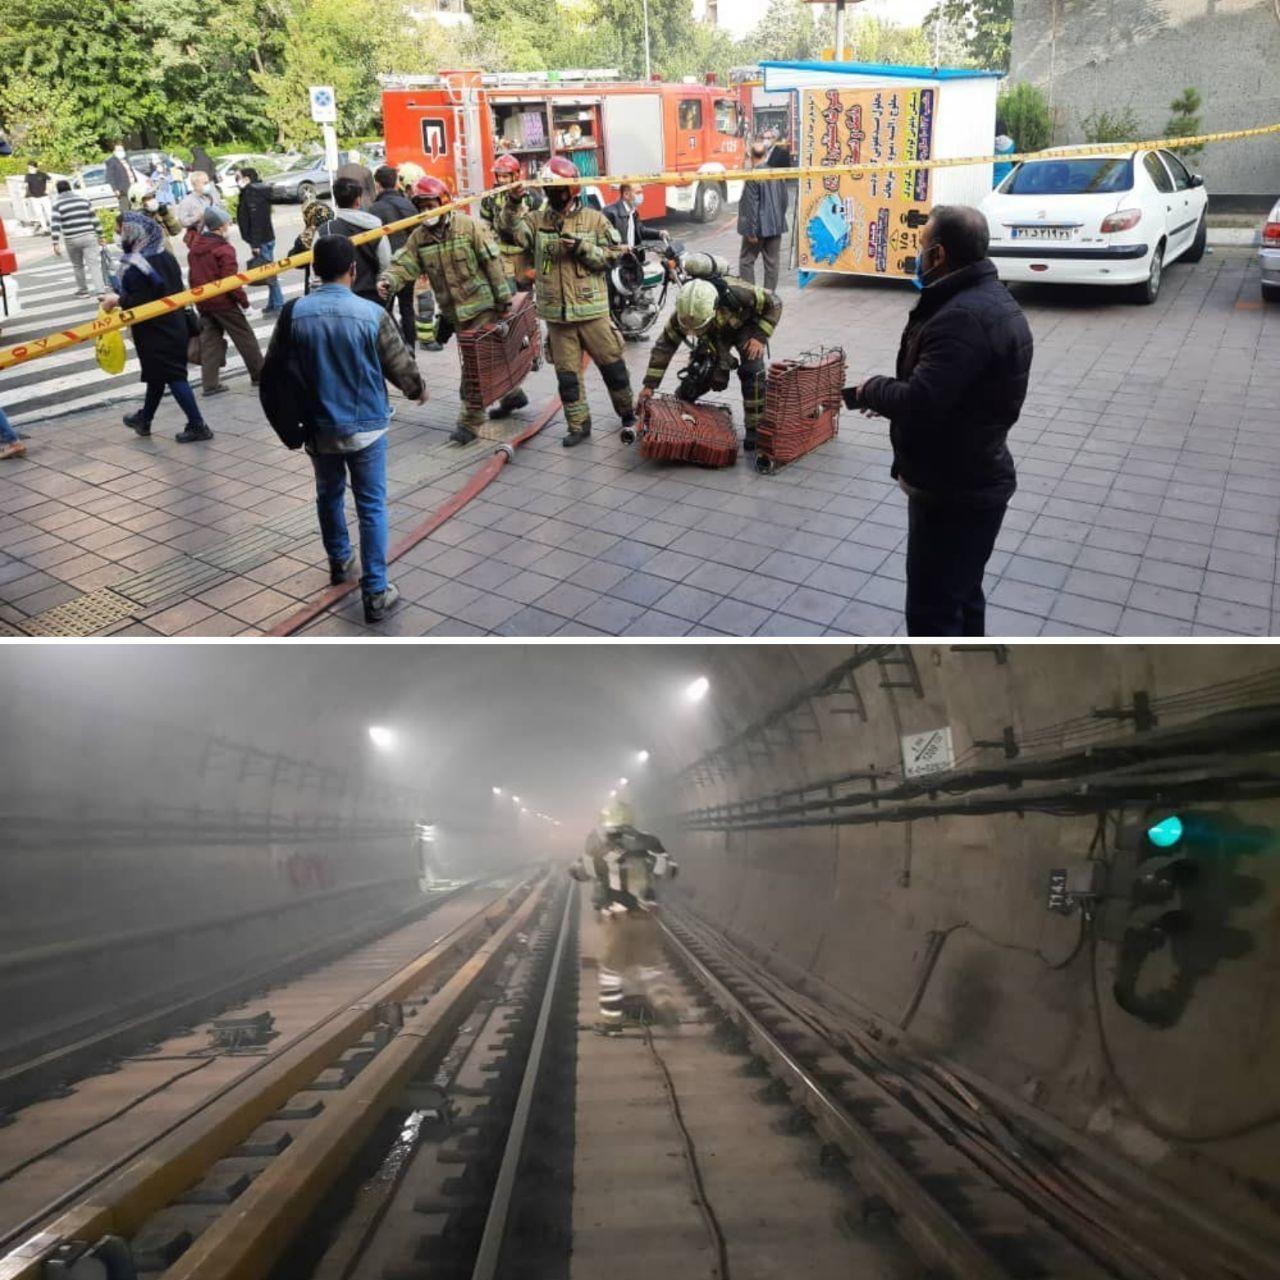 حریق در ایستگاه مترو اکباتان تهران/ اتصال برق دلیل حریق